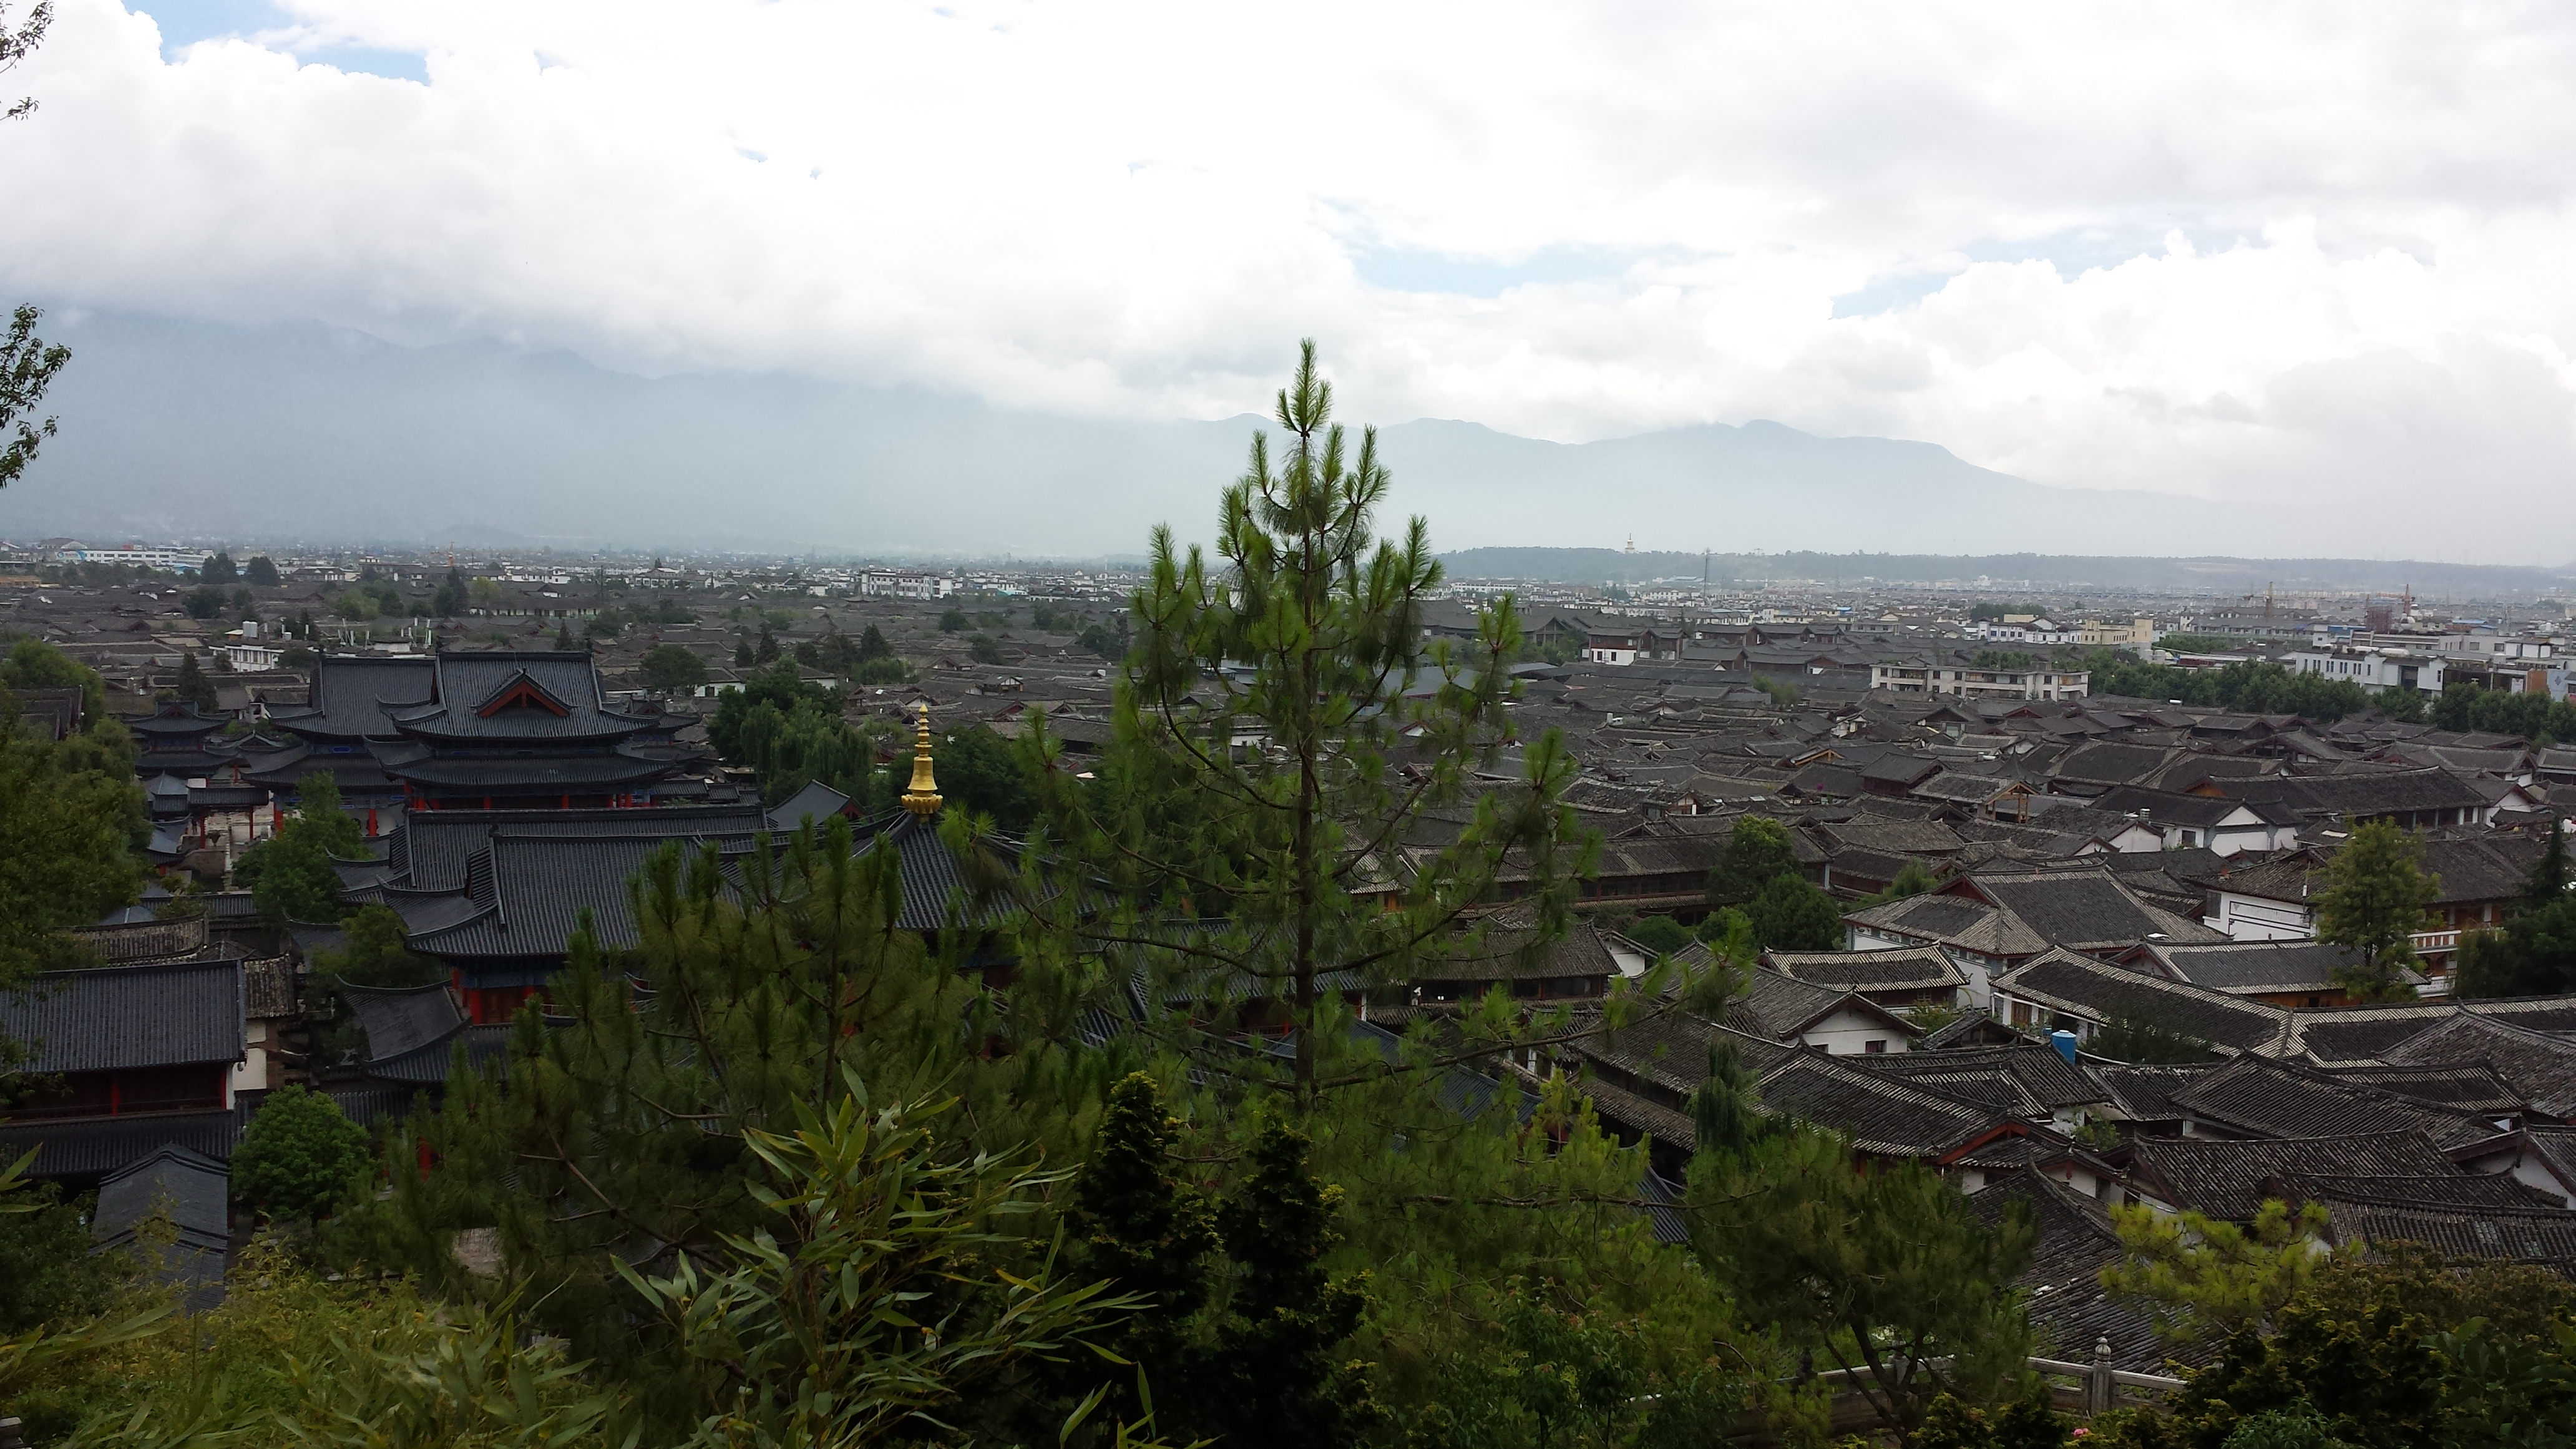 水彩丽江风景画临摹图片 dimg05.c-ctrip.com 宽4128x2322高